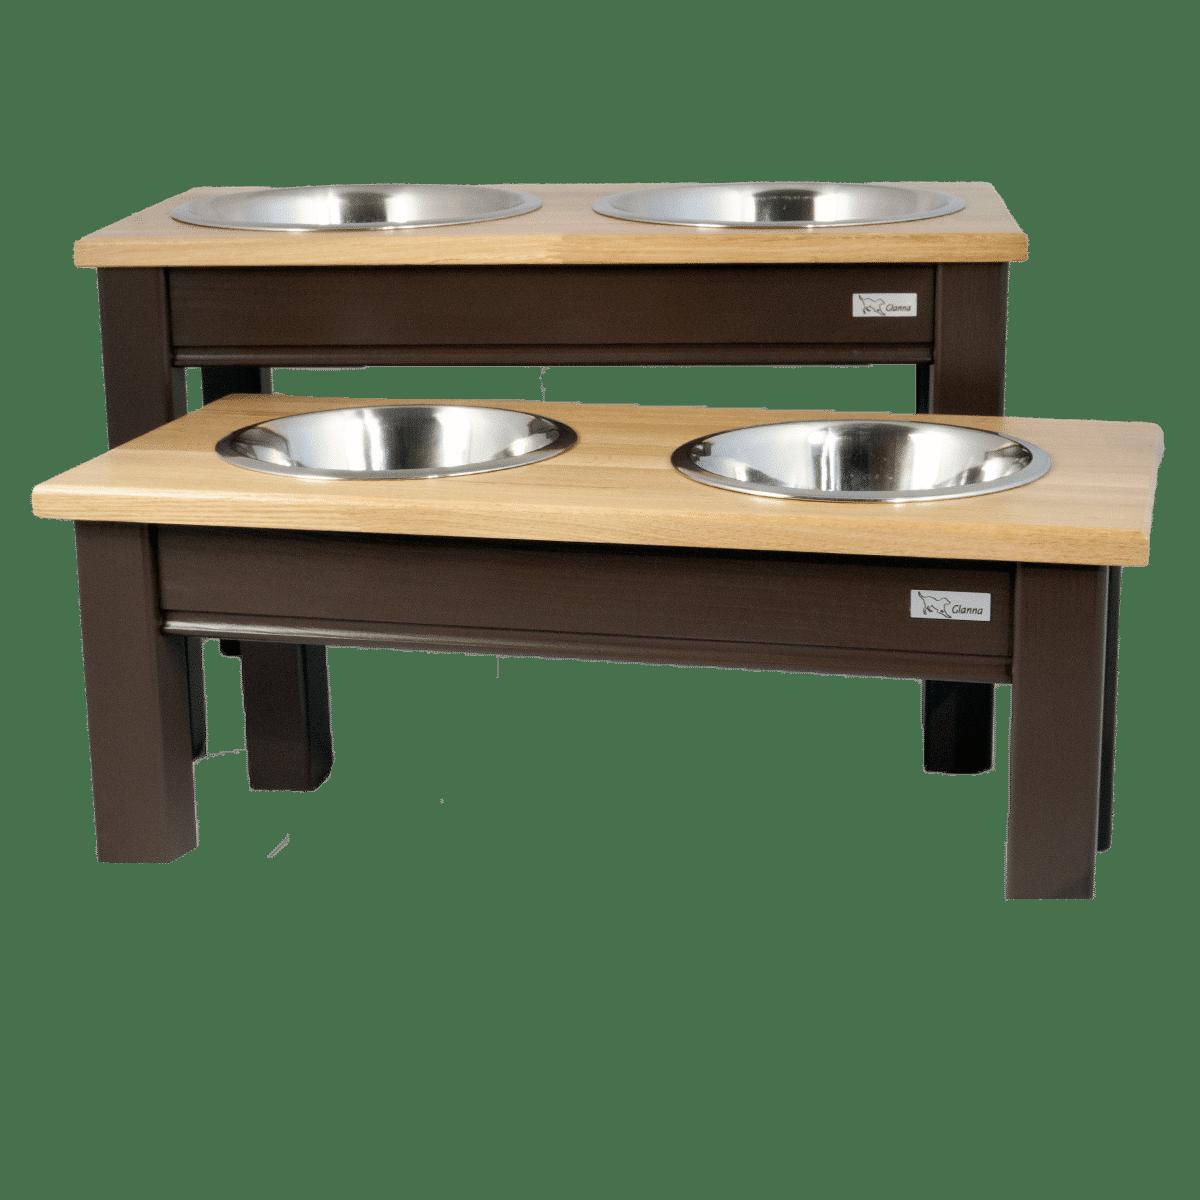 Snygg matbar i trä till hunden